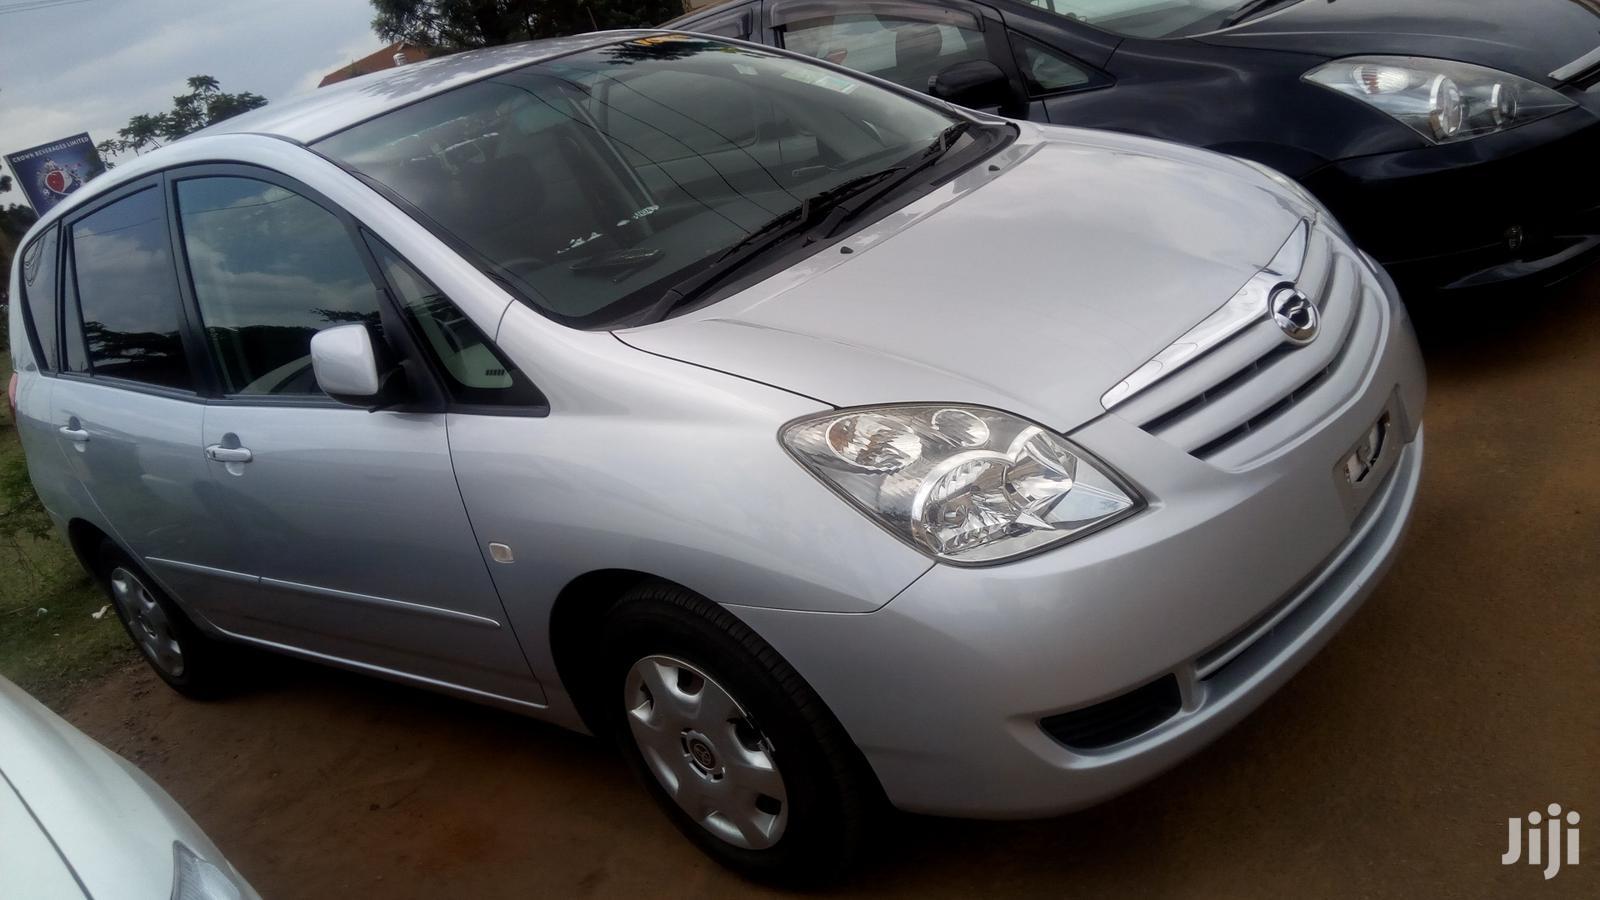 Archive: New Toyota Spacio 2006 Silver